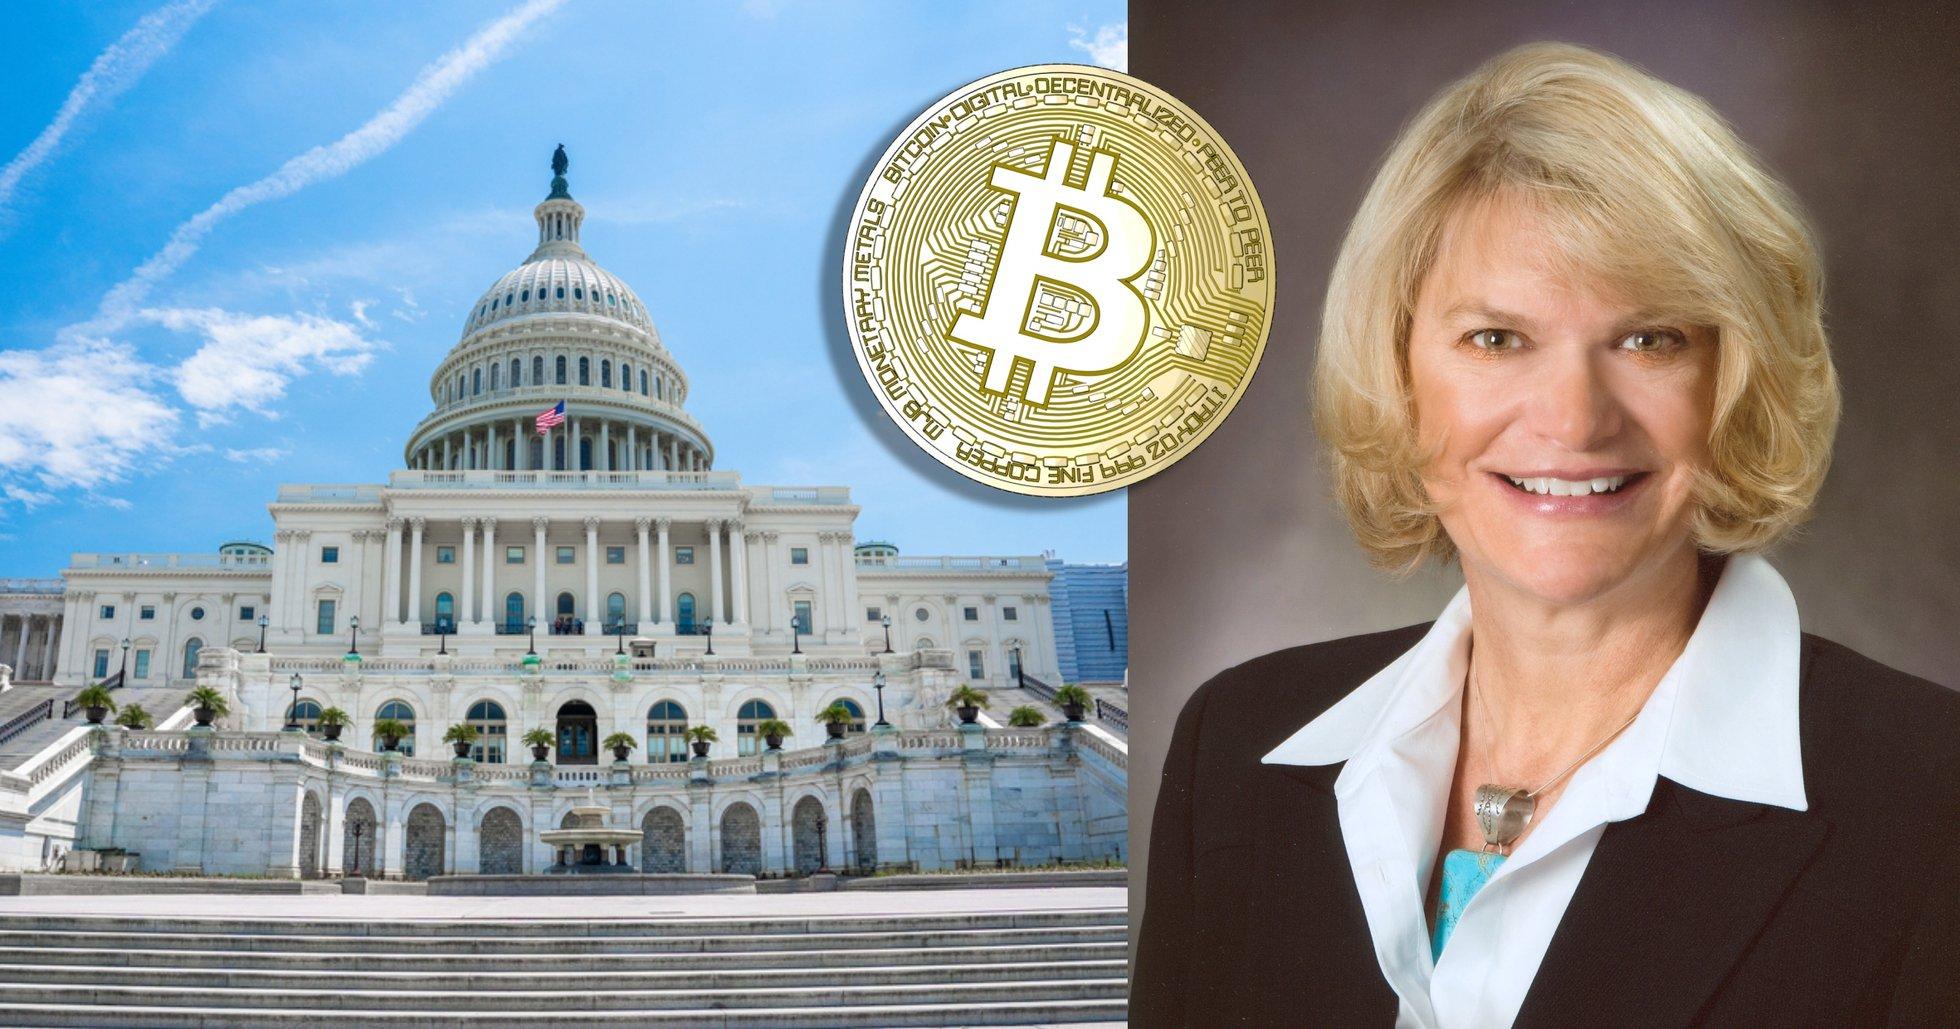 Bitcoinförespråkare förväntas väljas in i den amerikanska senaten